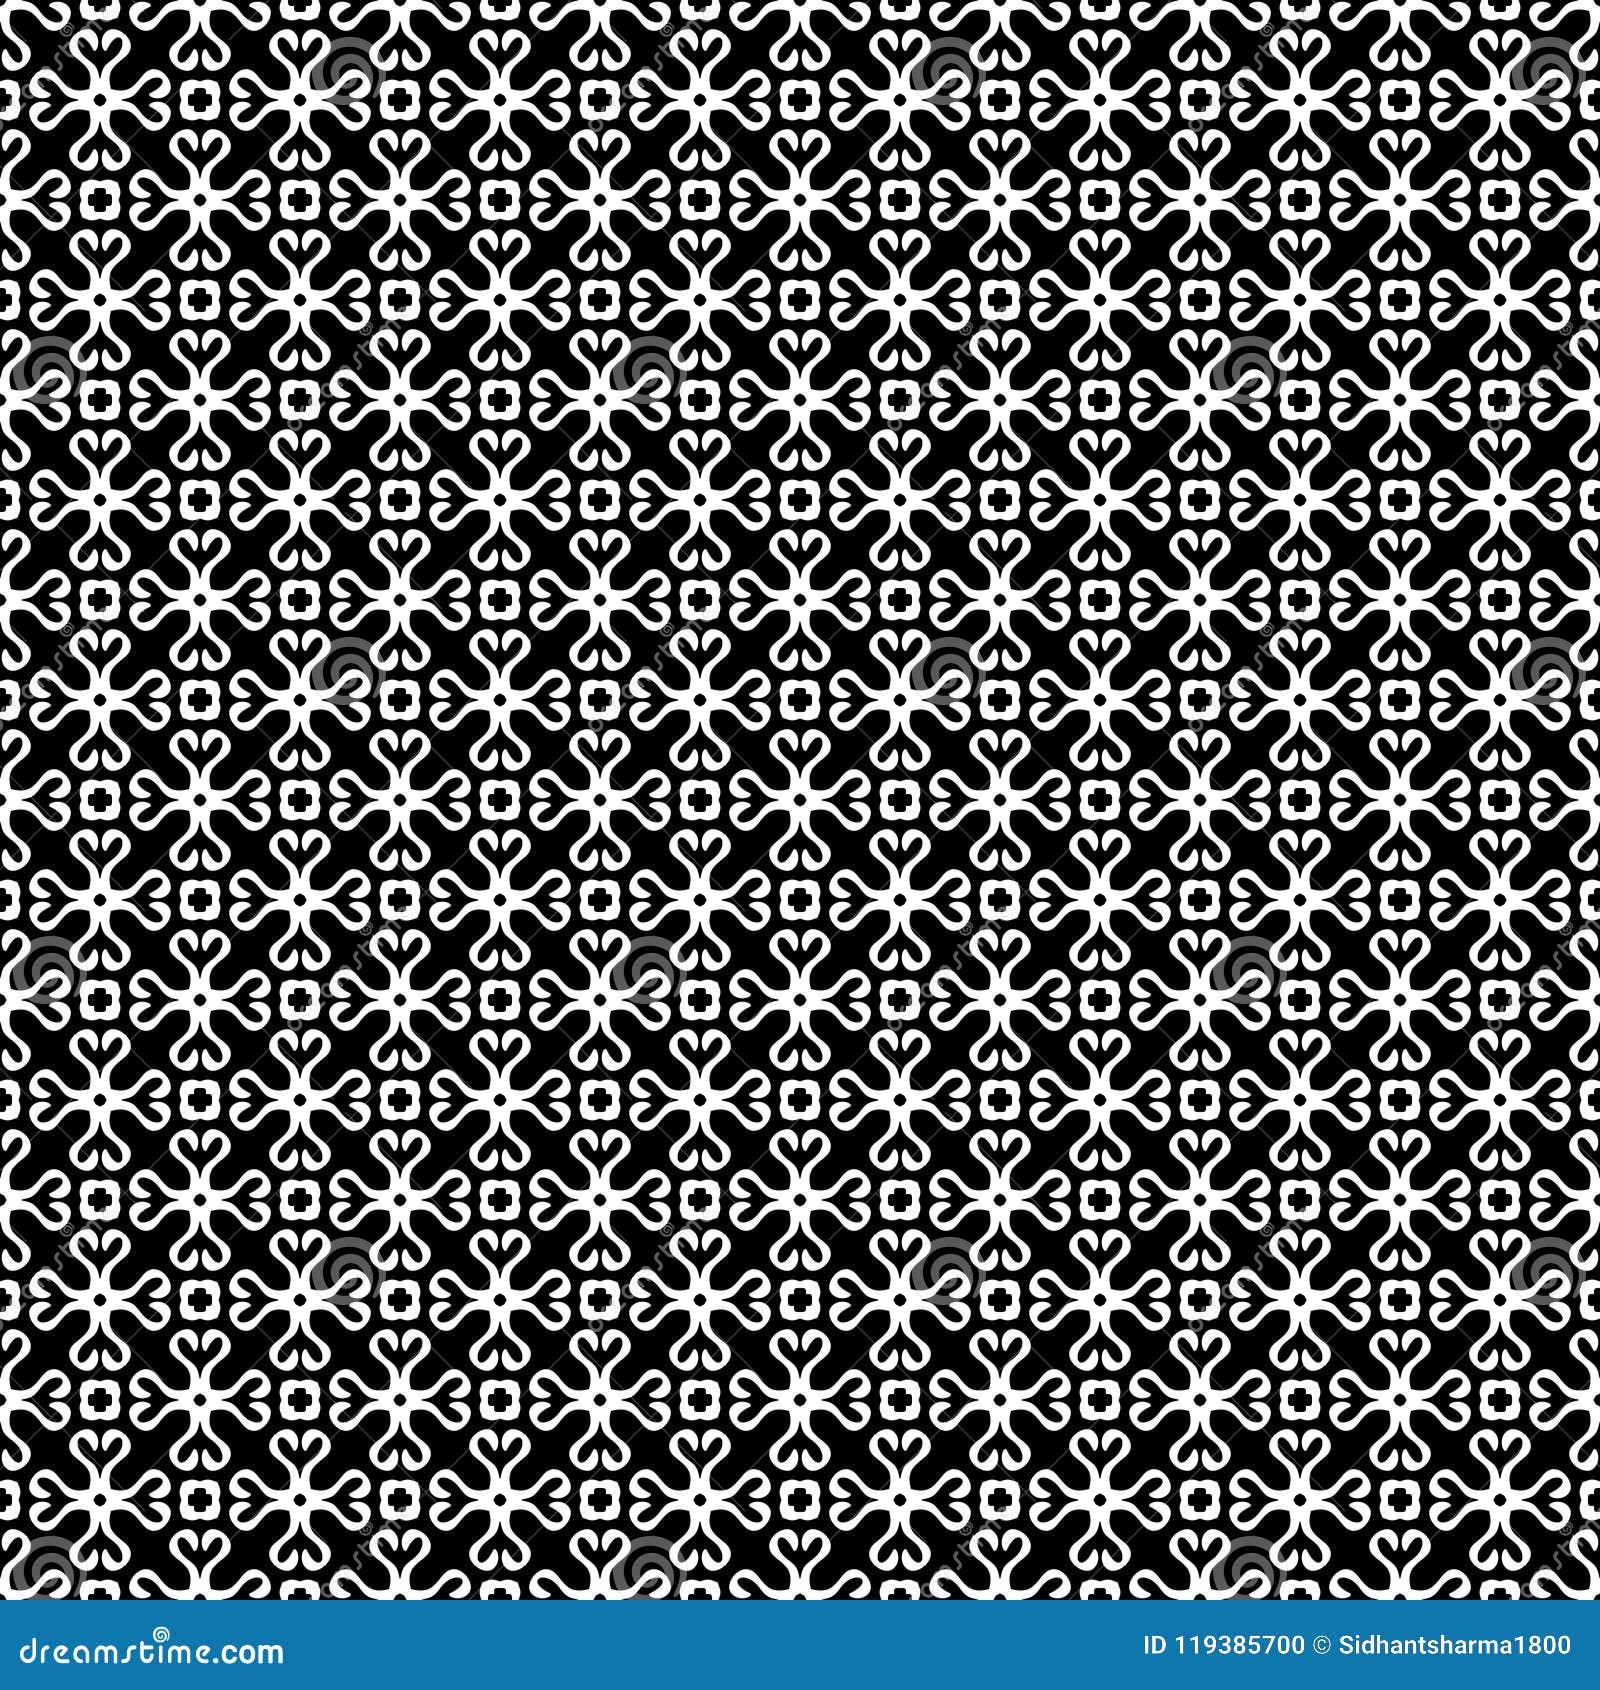 Черно-белая БЕЗШОВНАЯ ГЕОМЕТРИЧЕСКАЯ СКОРОГОВОРКА, ДИЗАЙН ПРЕДПОСЫЛКИ самомоднейшая стильная текстура Повторять и editable Смогит